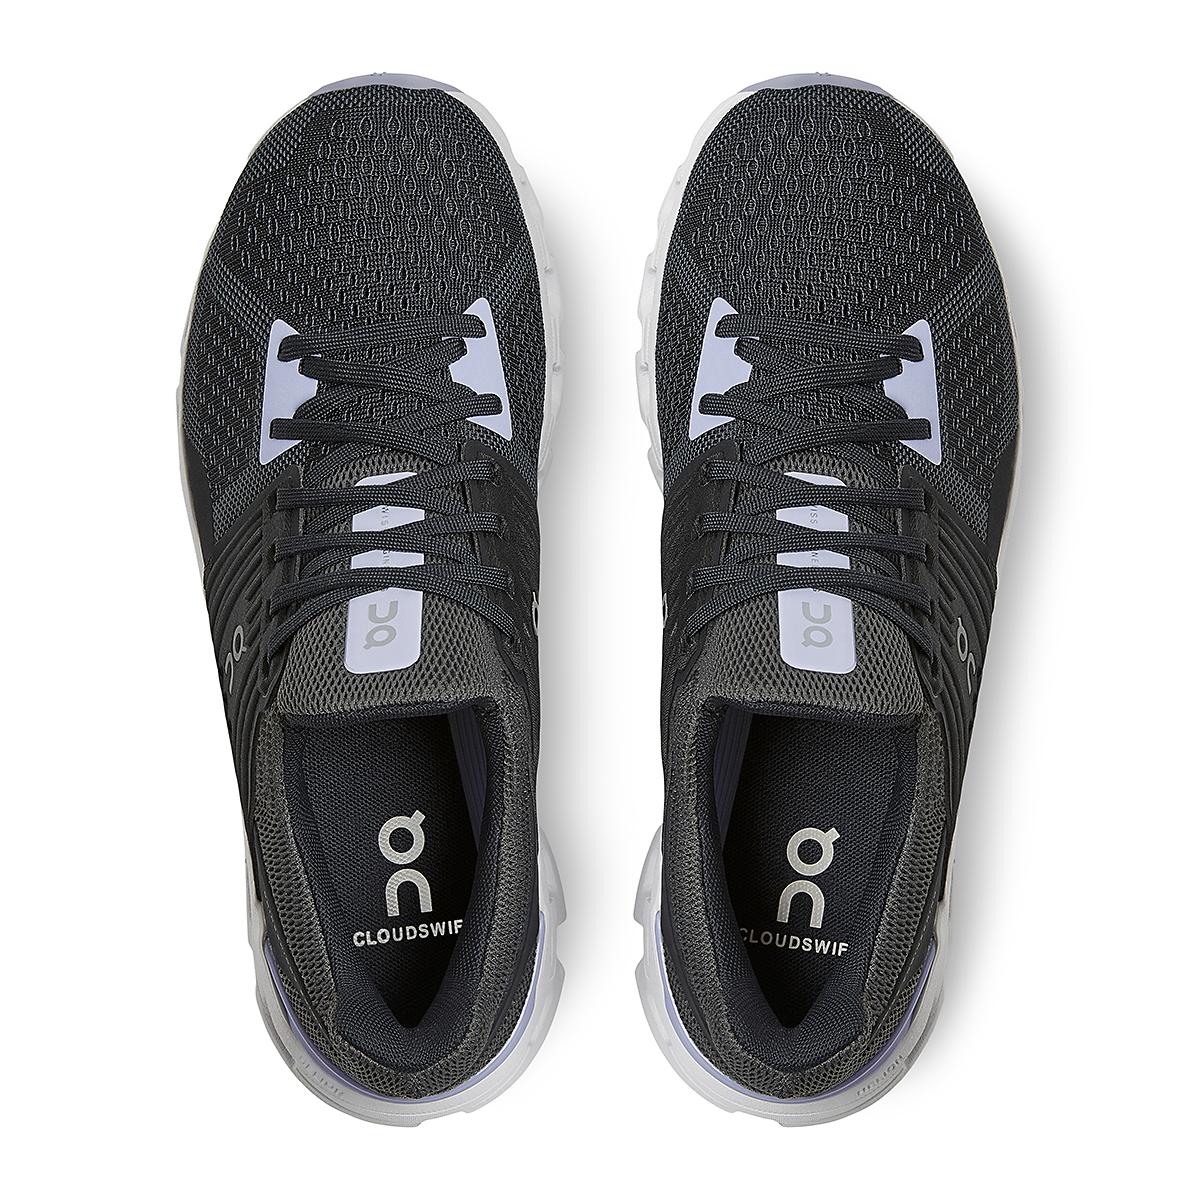 Women's On Cloudswift 2.0 Running Shoe - Color: Magnet/Lavender - Size: 5 - Width: Regular, Magnet/Lavender, large, image 4